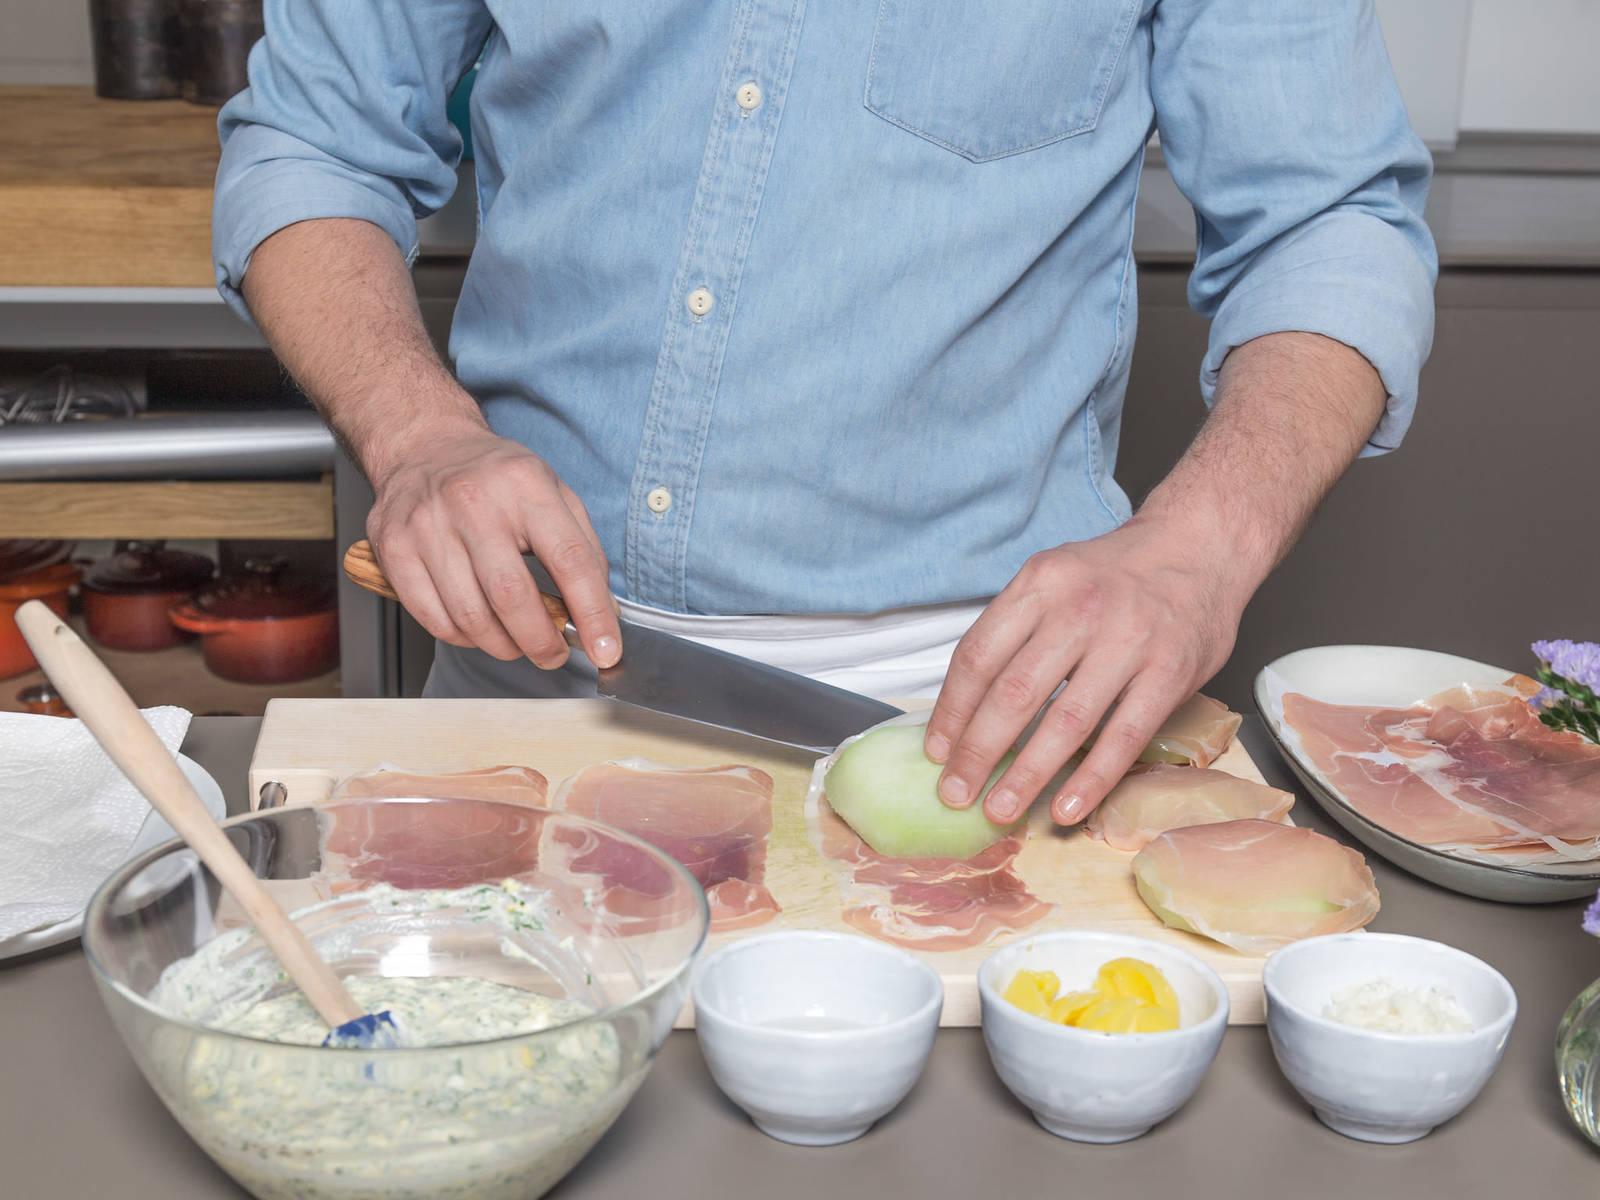 在一个小碗中,将剩余的鸡蛋加盐与胡椒搅拌均匀。在一个盘子中,混合帕玛森干酪和面包屑,在另一个盘中放入面粉。用帕尔马火腿将苤蓝片裹起,裹上面粉,然后蘸上蛋液,然后粘上面包屑。轻压封好。